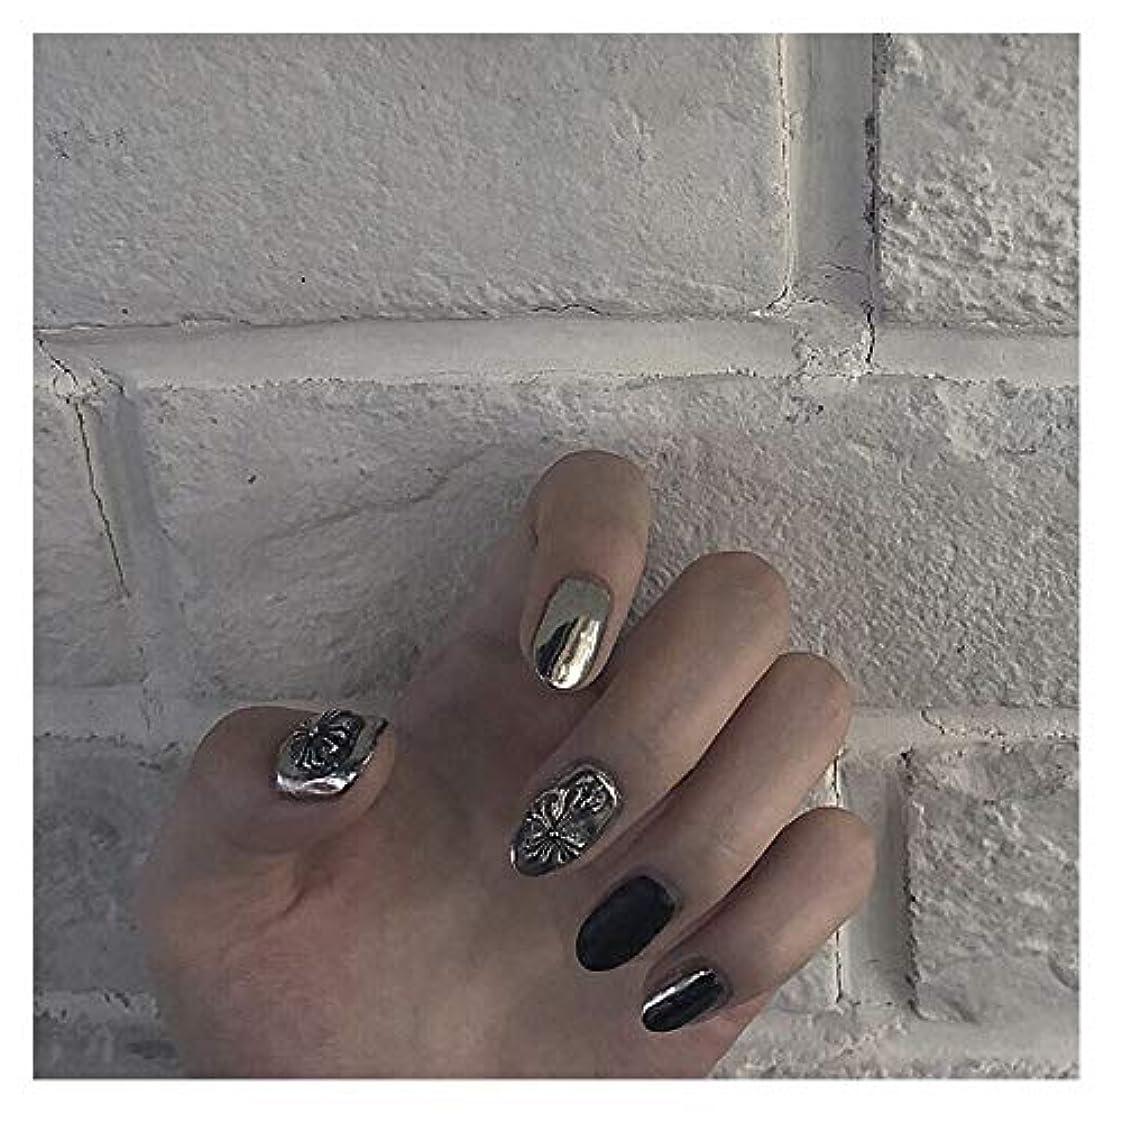 悪用モデレータナインへTAALESET シルバークロスゴススタイルグルーフェイクネイルズファッション単一製品アクセサリーラウンドネイルズ光沢のあるシルバー+ブラック (色 : 24 pieces)